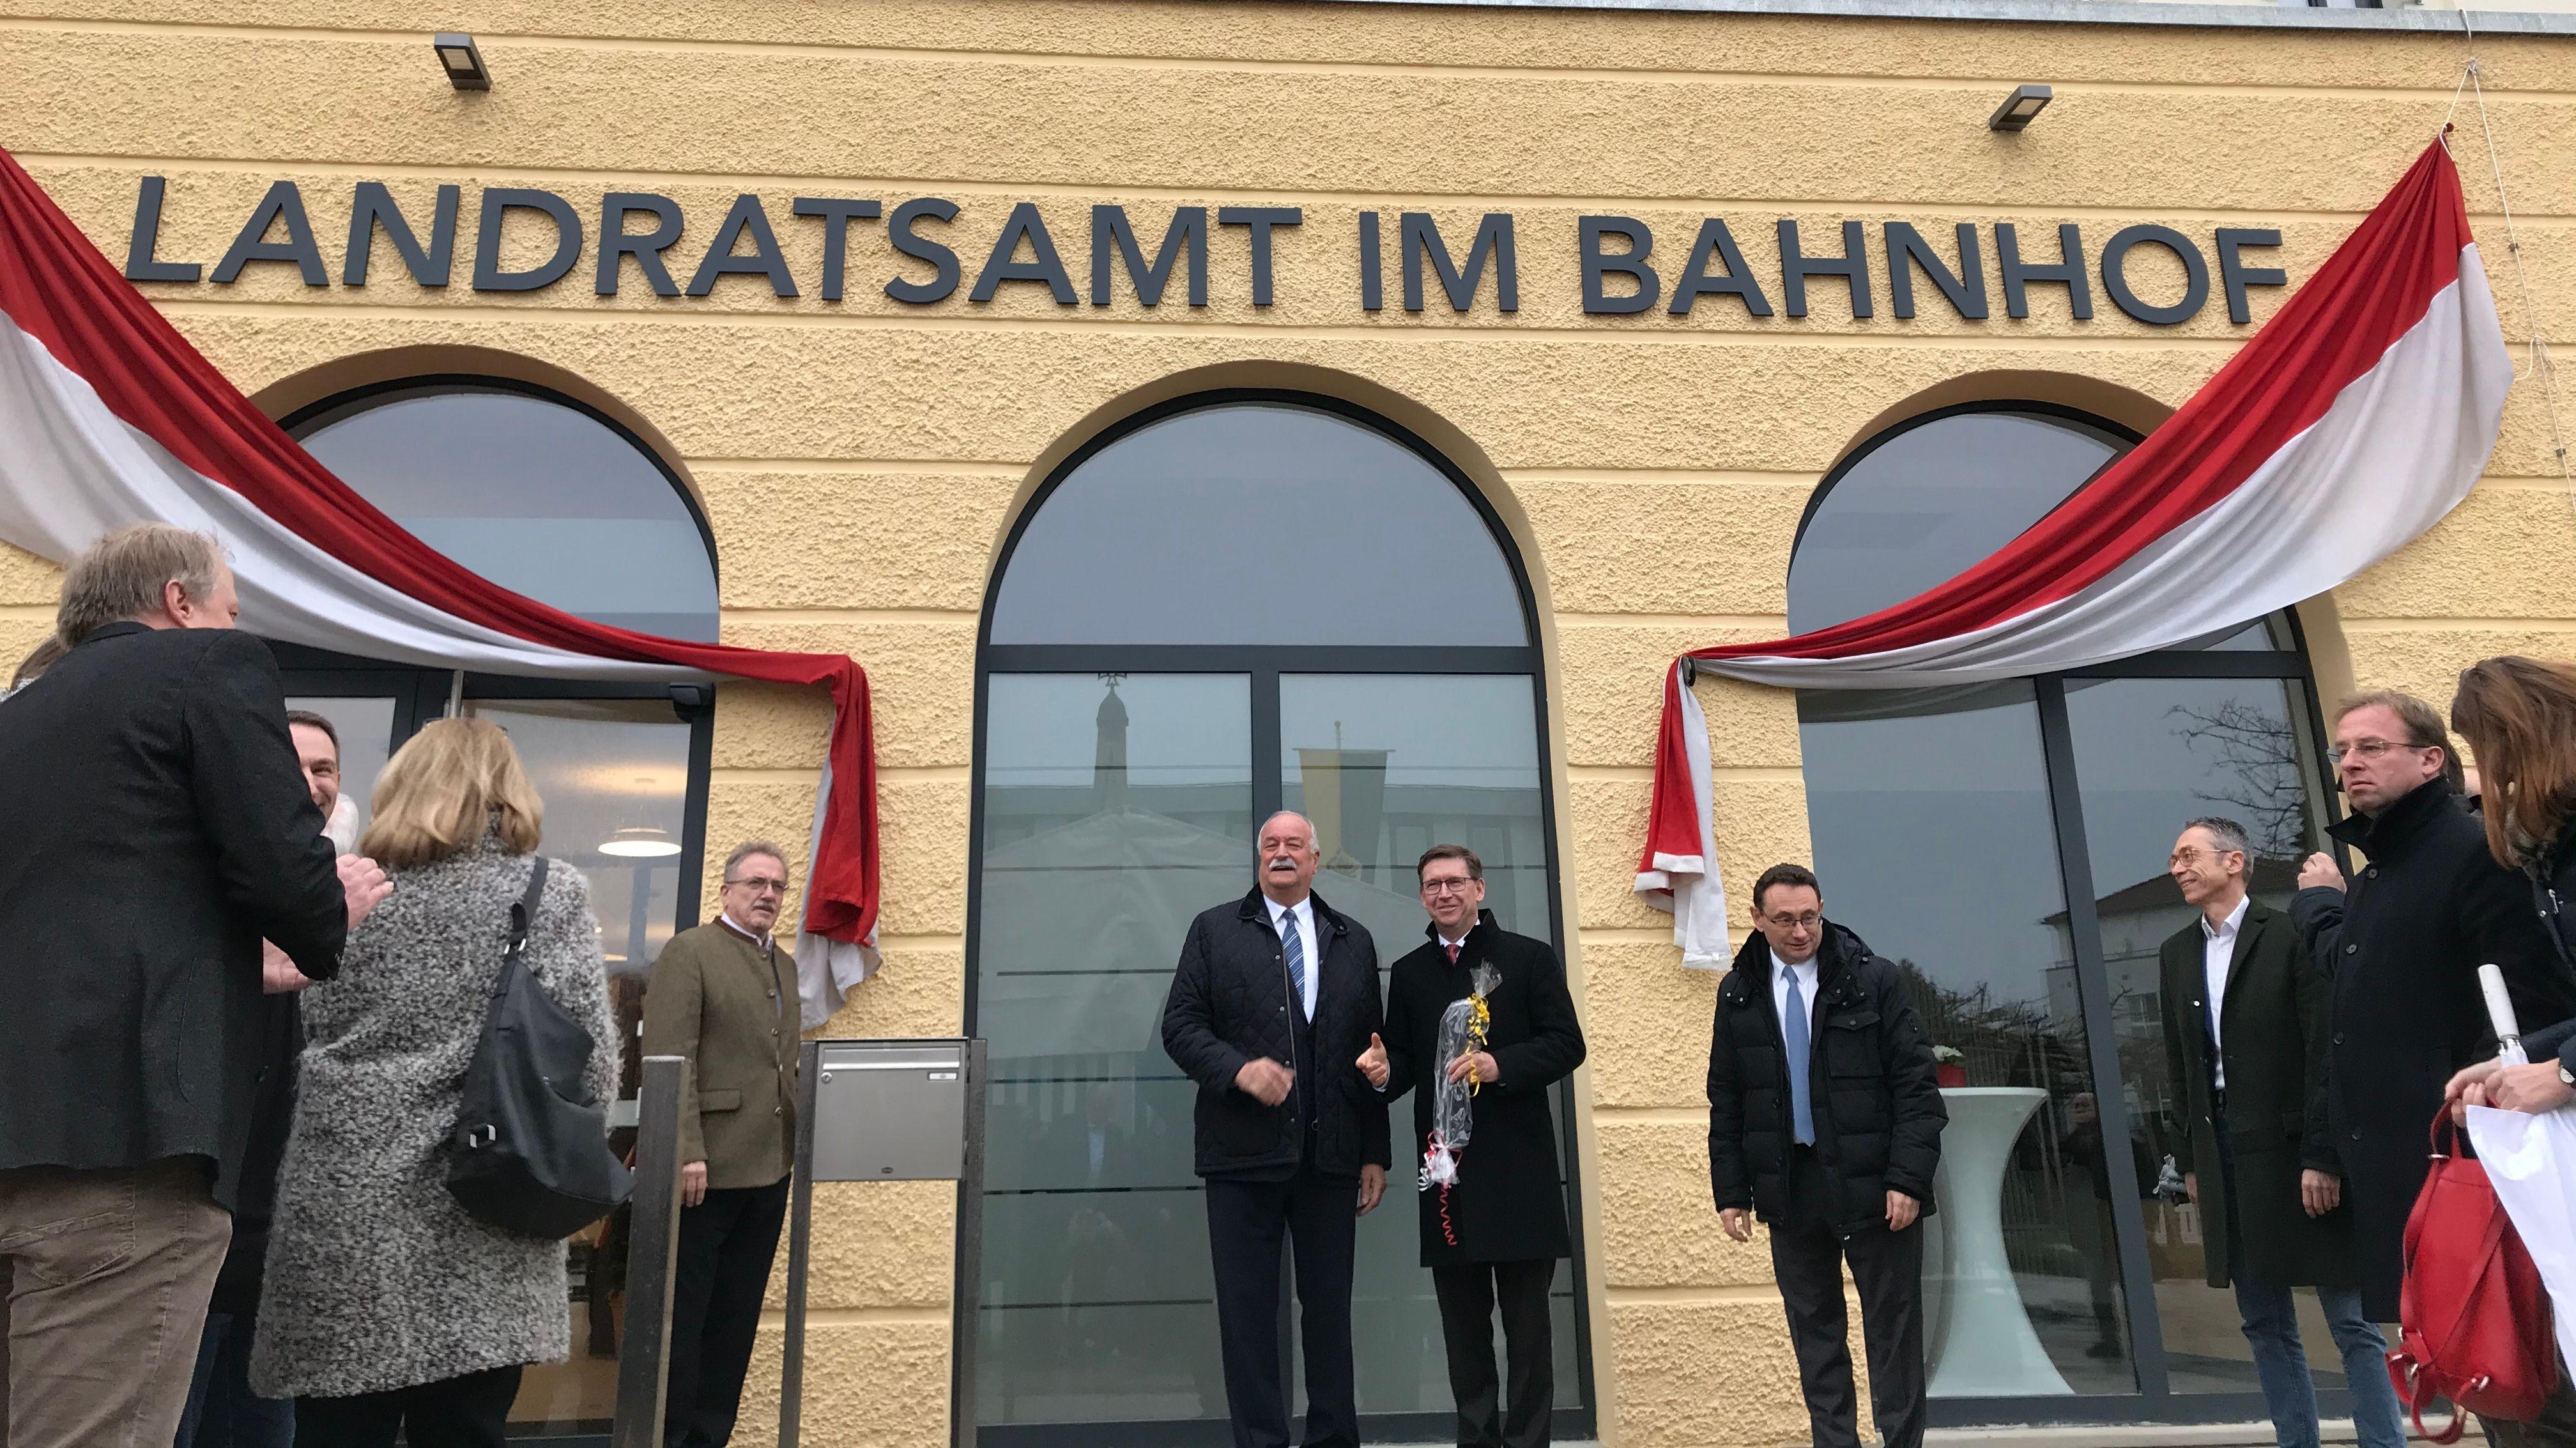 """Das sanierte alte Bahnofsgebäude mit dem Schriftzug """"Landratsamt im Bahnhof!"""